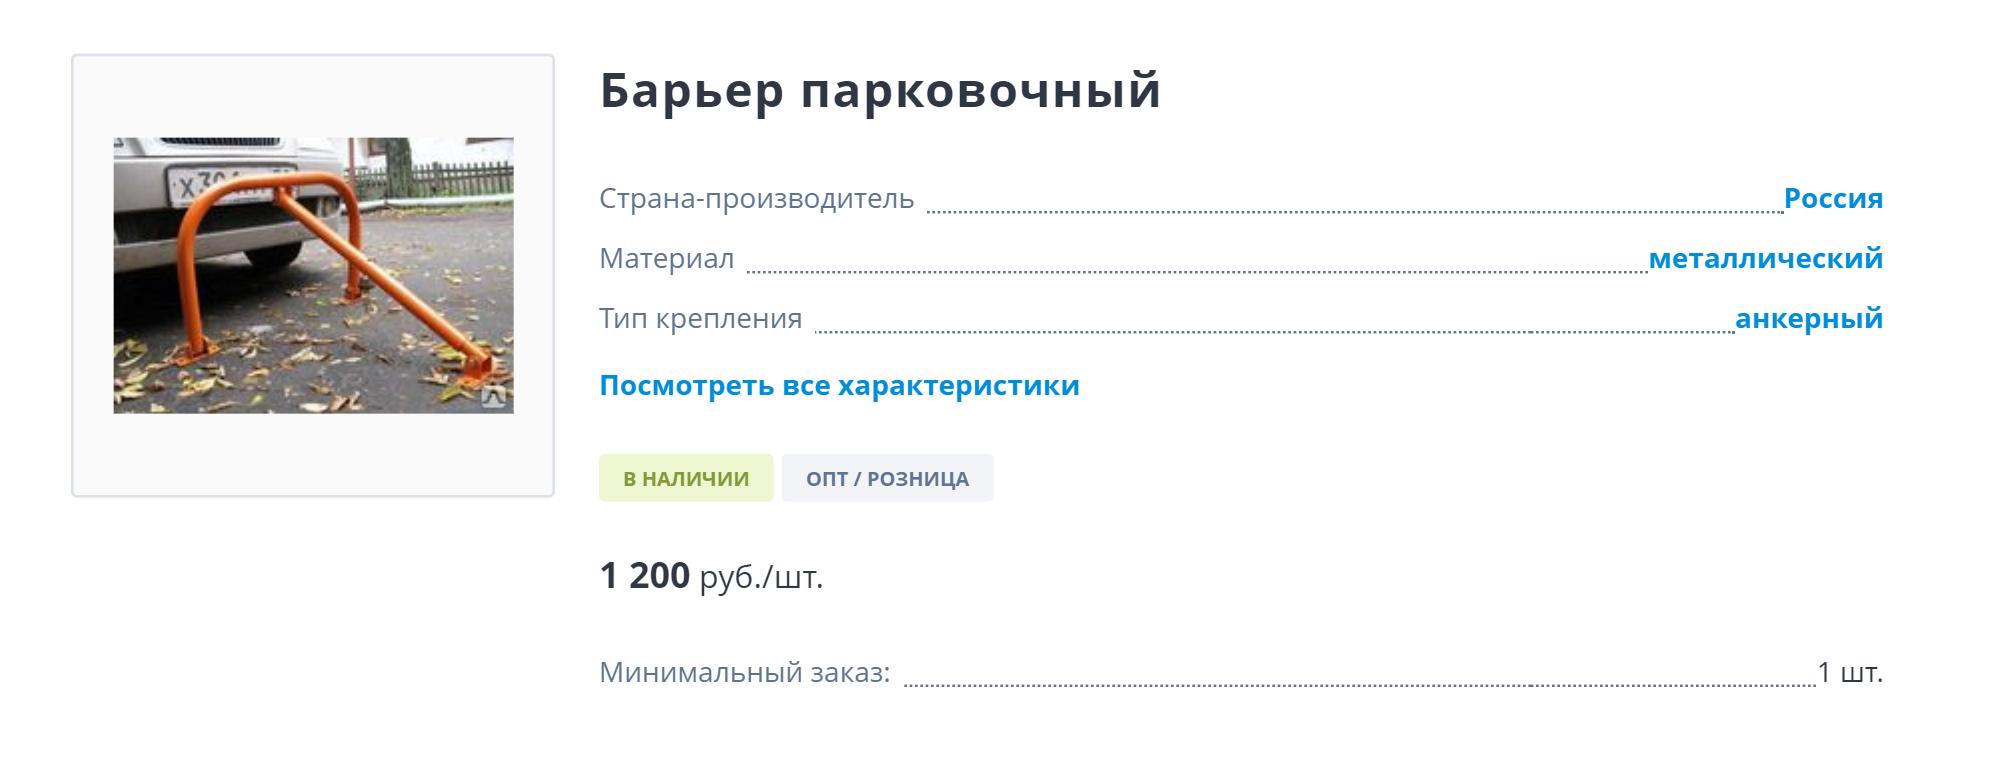 Это бюджетный вариант парковочного барьера. Стоит 1200<span class=ruble>Р</span>, запирается на замок с обычным ключом